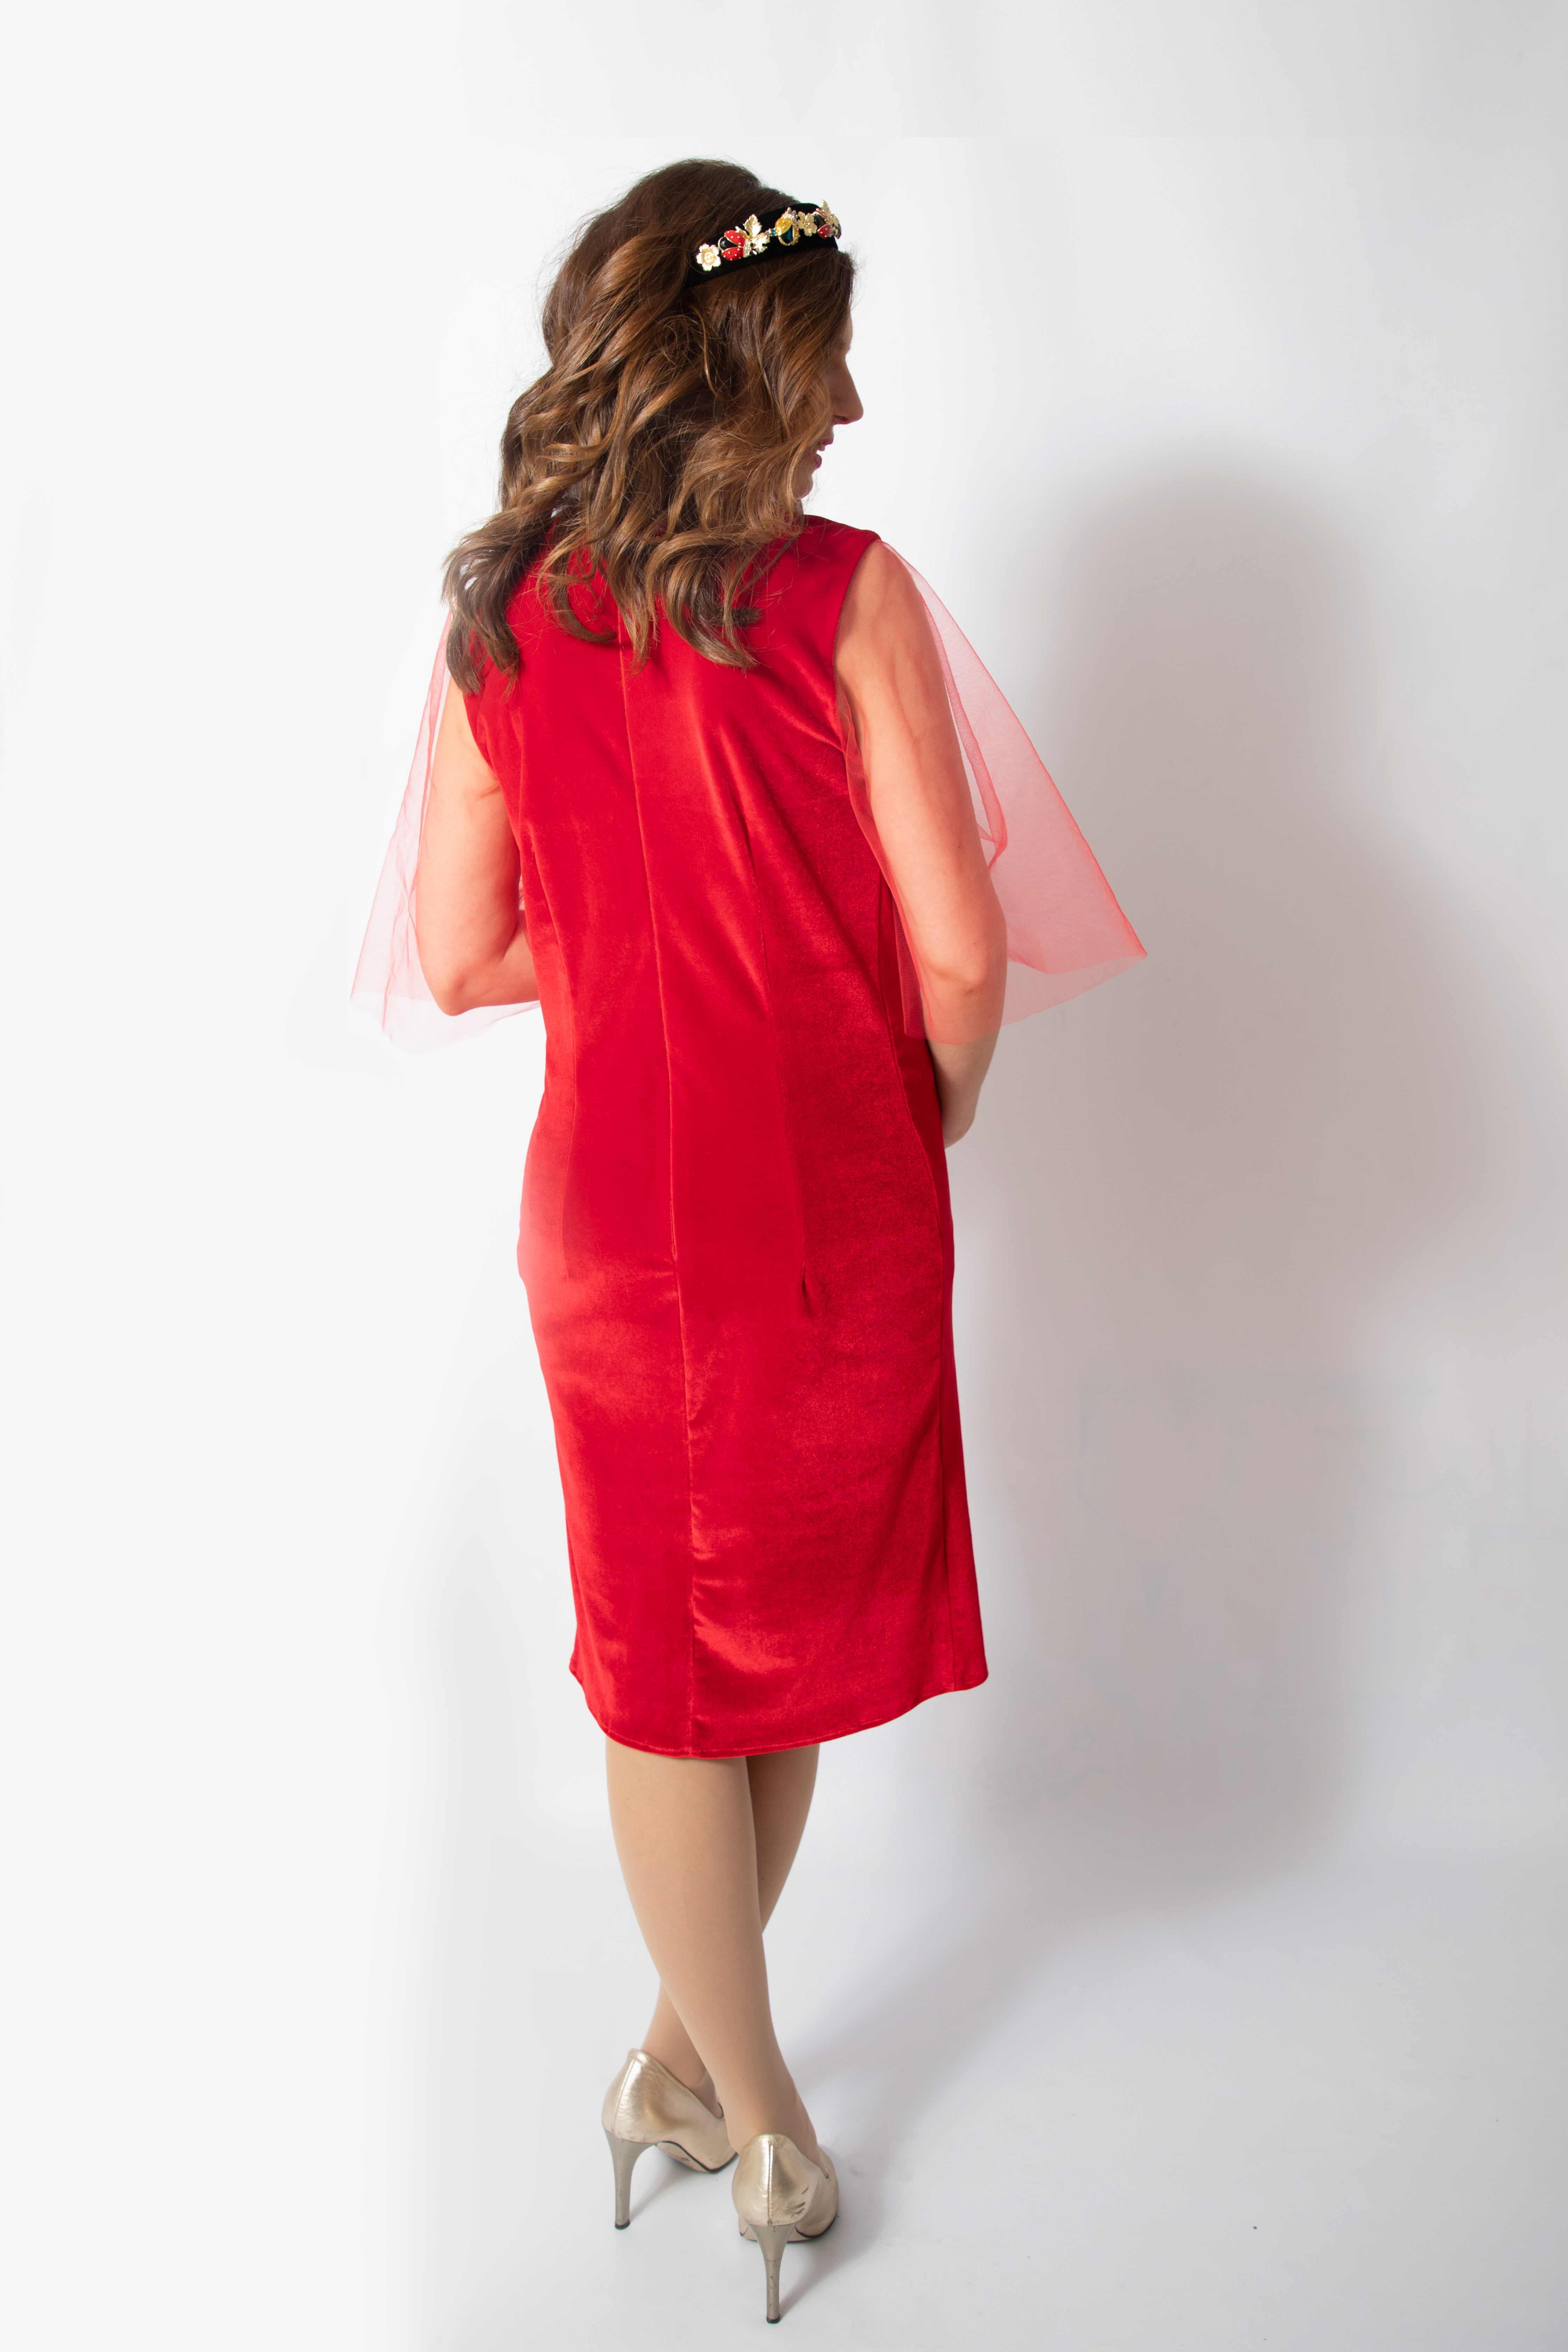 rouge-tulle-rochie-eleganta-gravida-din-catifea-premium-transport-gratuit 6